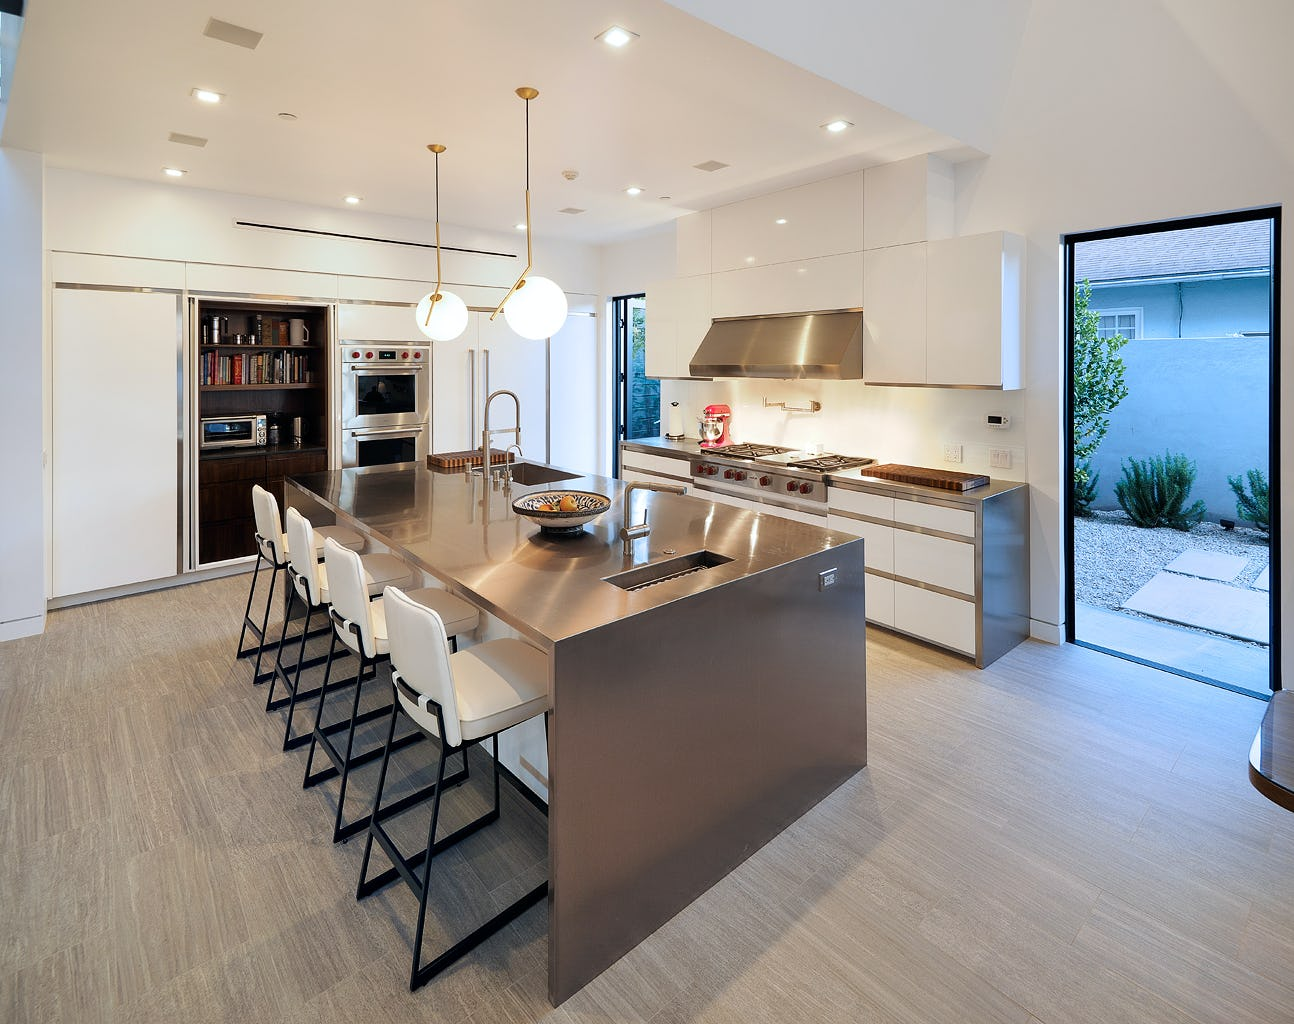 07 kitchen oblique close pm 1024h